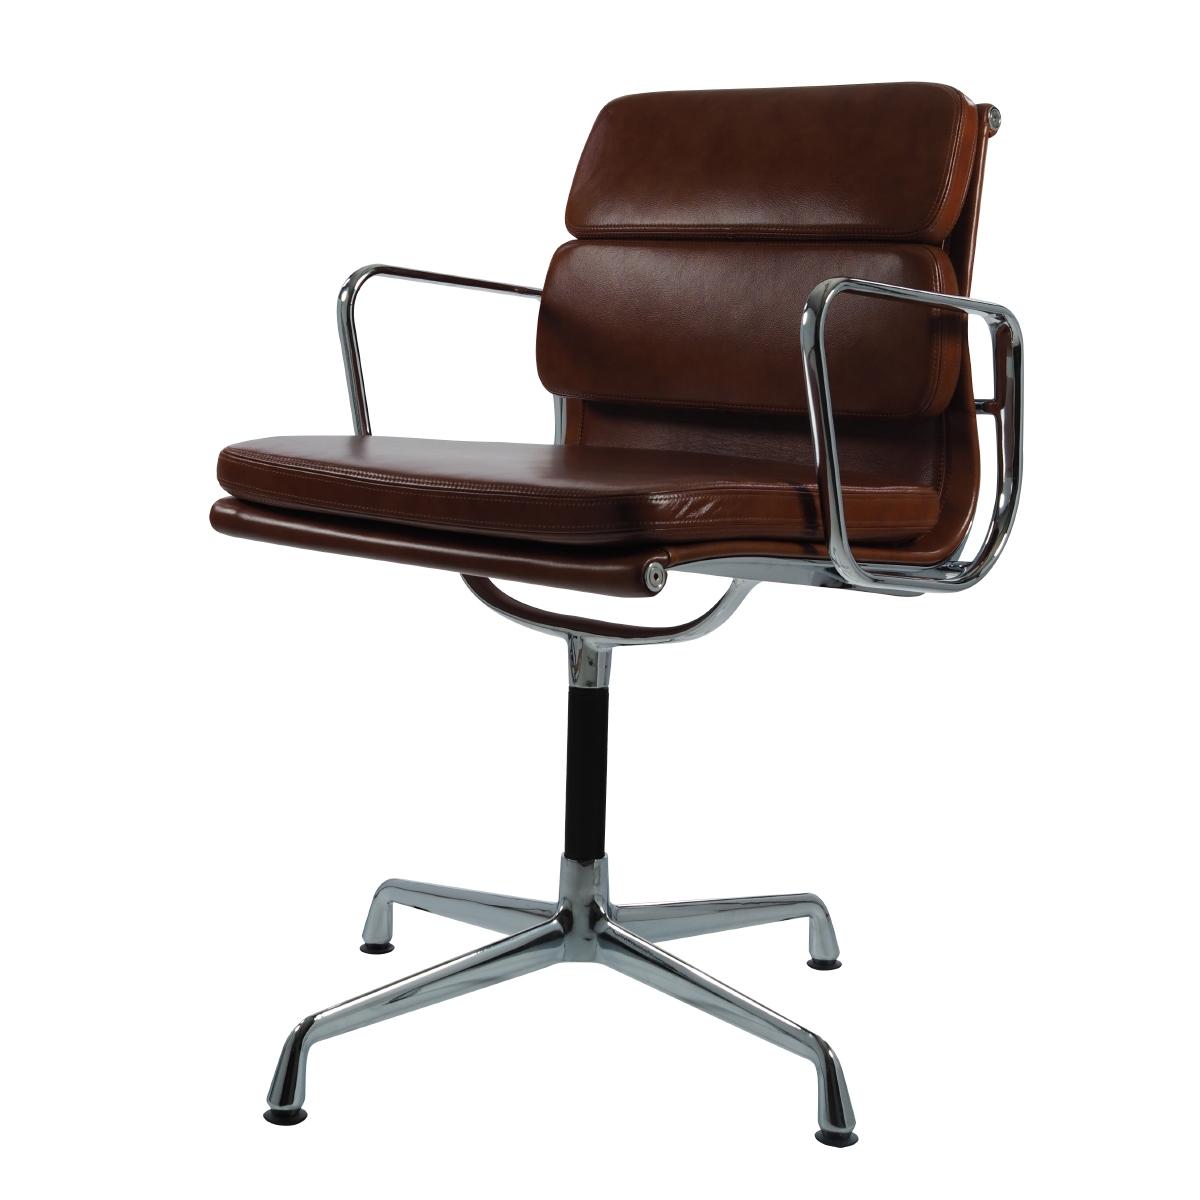 charles eames konferenz chef sessel ea208 antiker. Black Bedroom Furniture Sets. Home Design Ideas